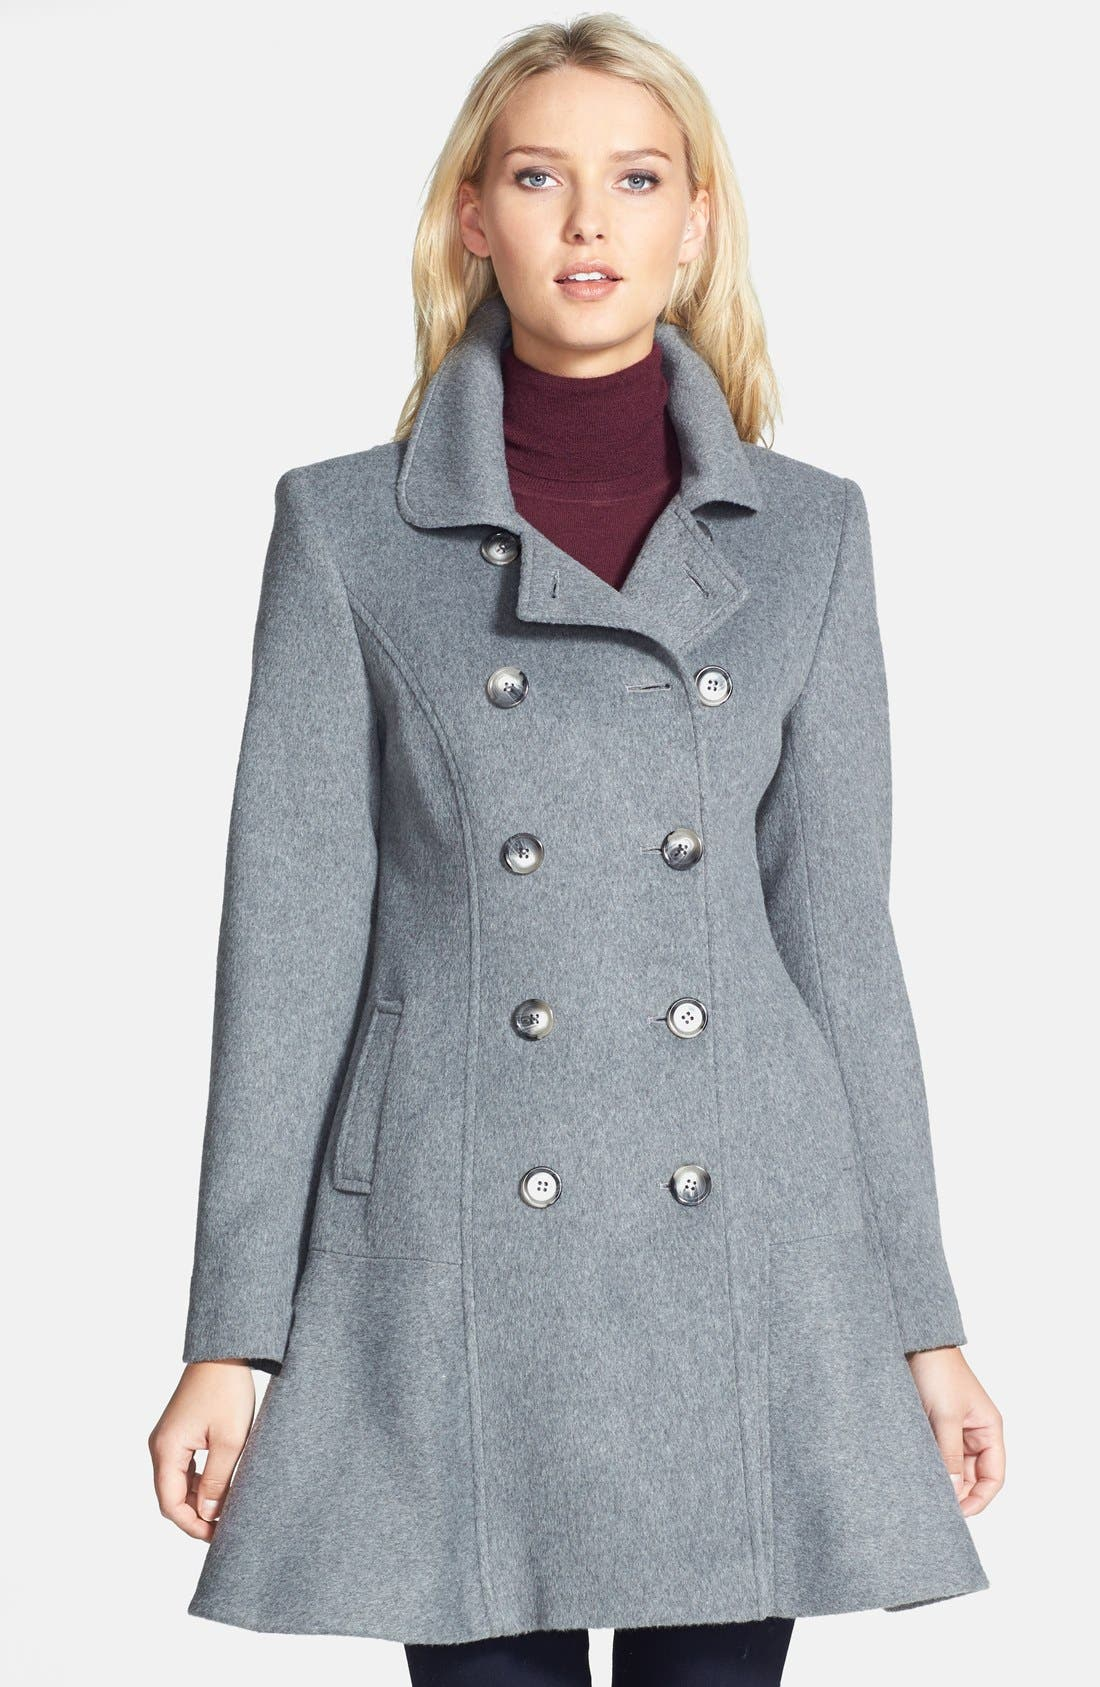 Alternate Image 1 Selected - Helene Berman Double Breasted Flare Skirt Coat